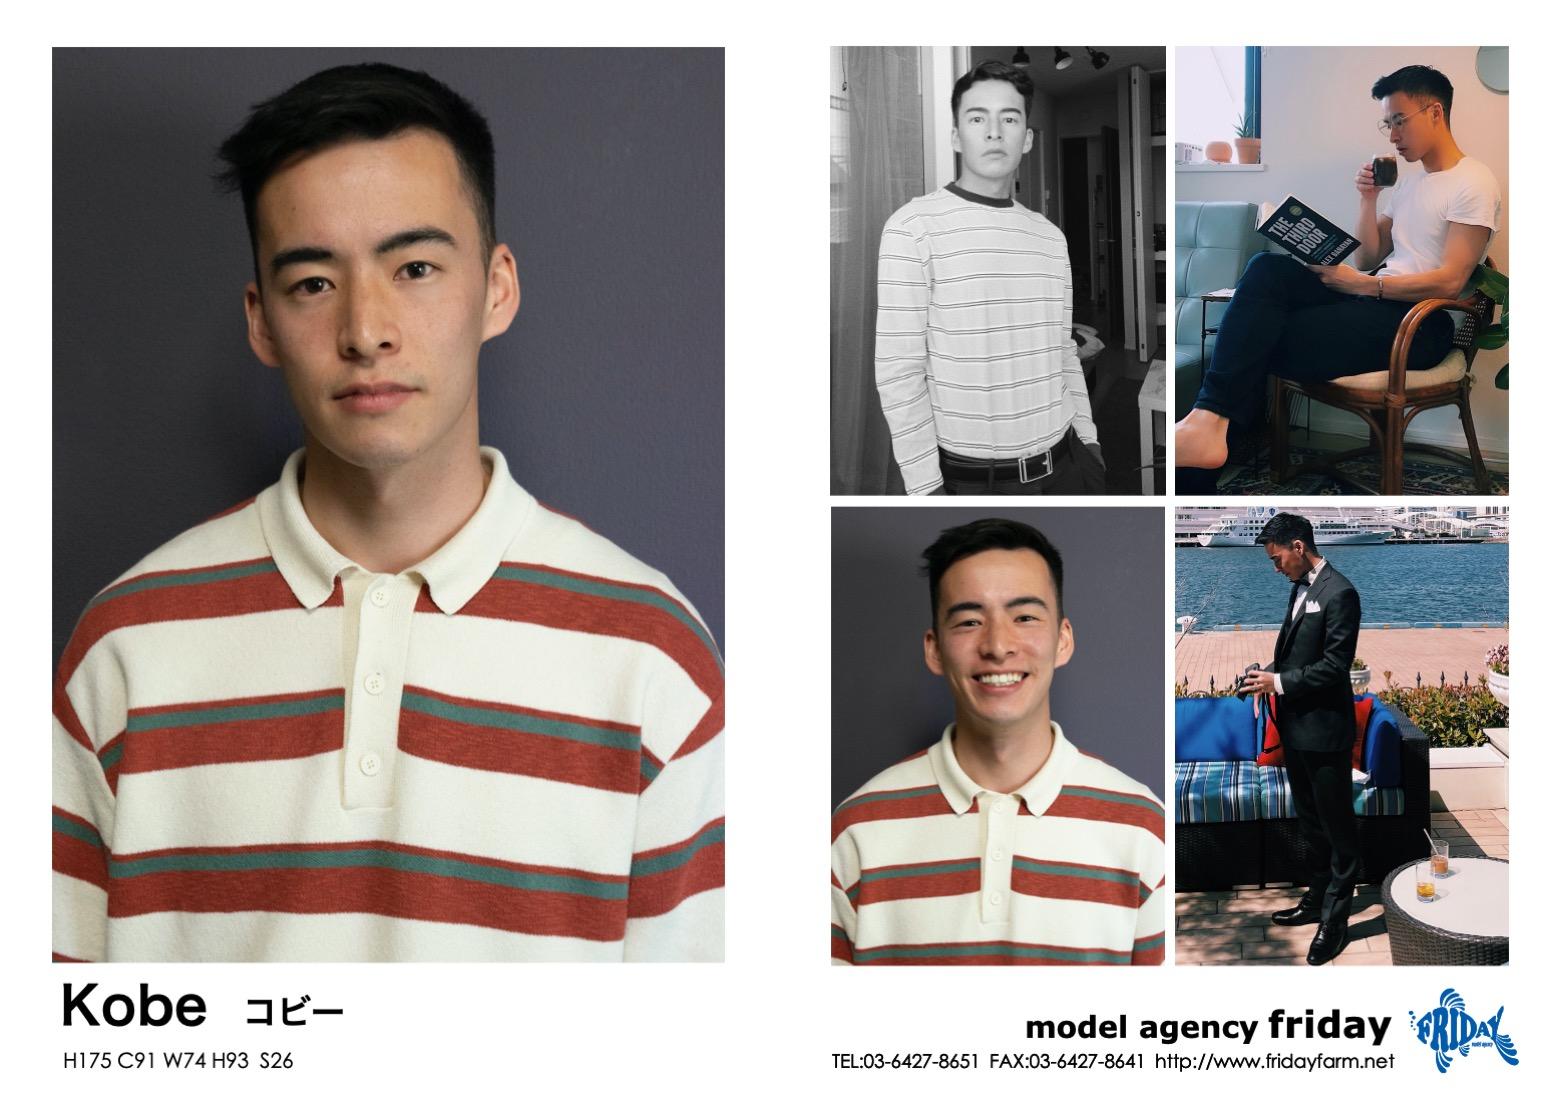 Kobe - コビー   model agency friday